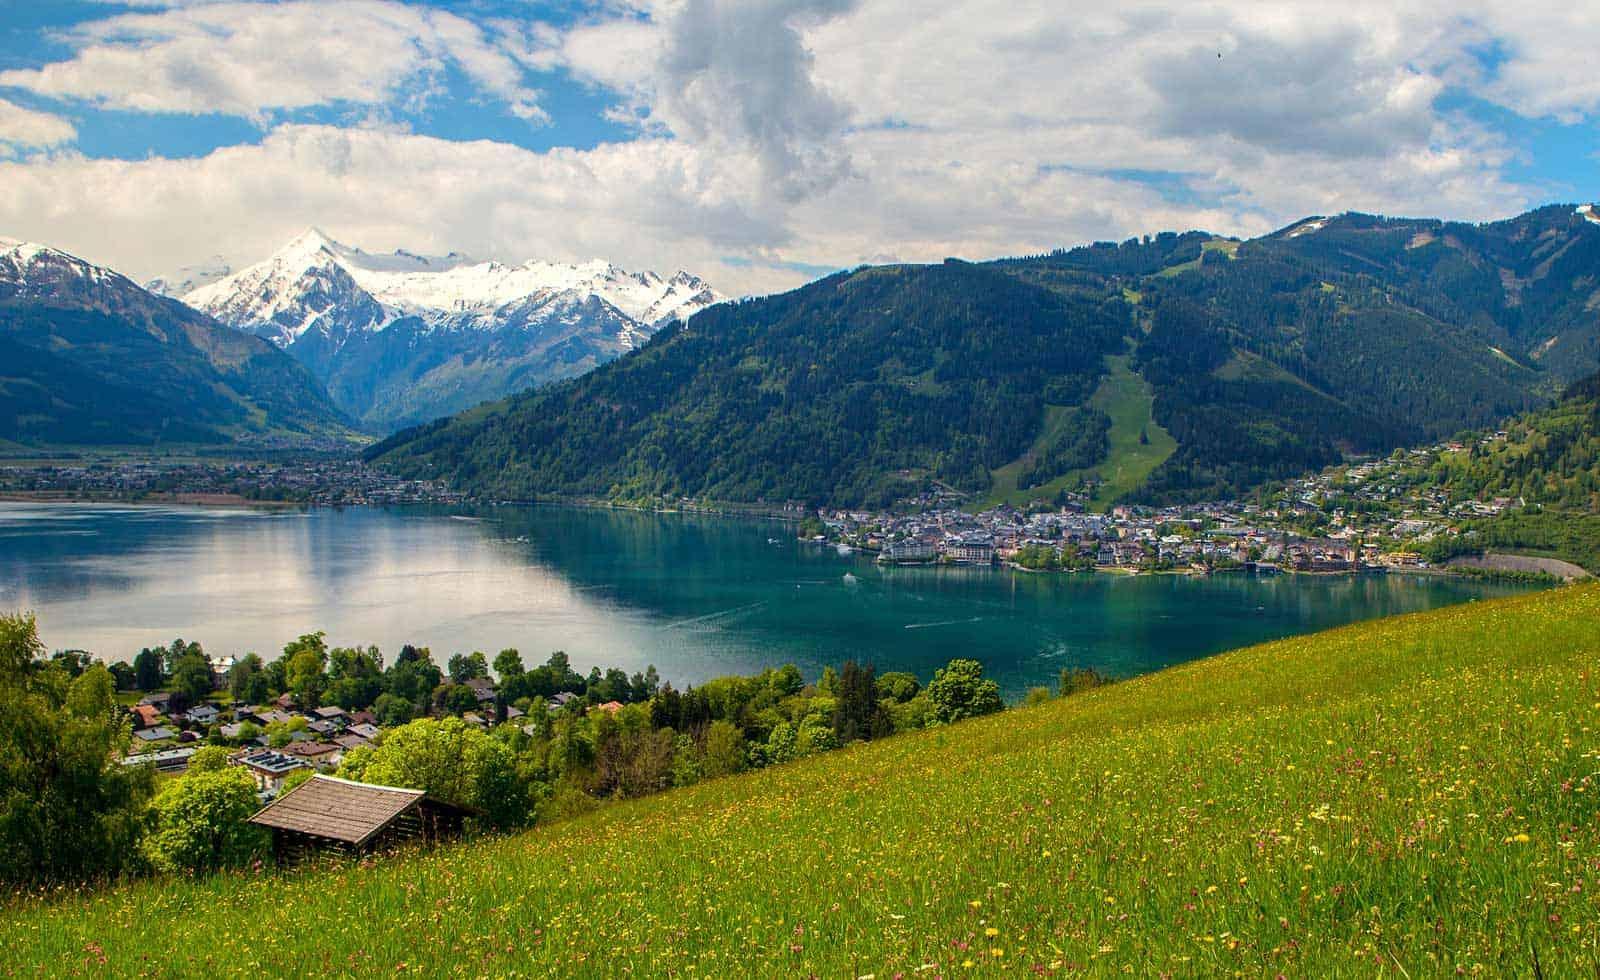 افضل 3 شقق في كابرون النمسا نوصيك بها 2020